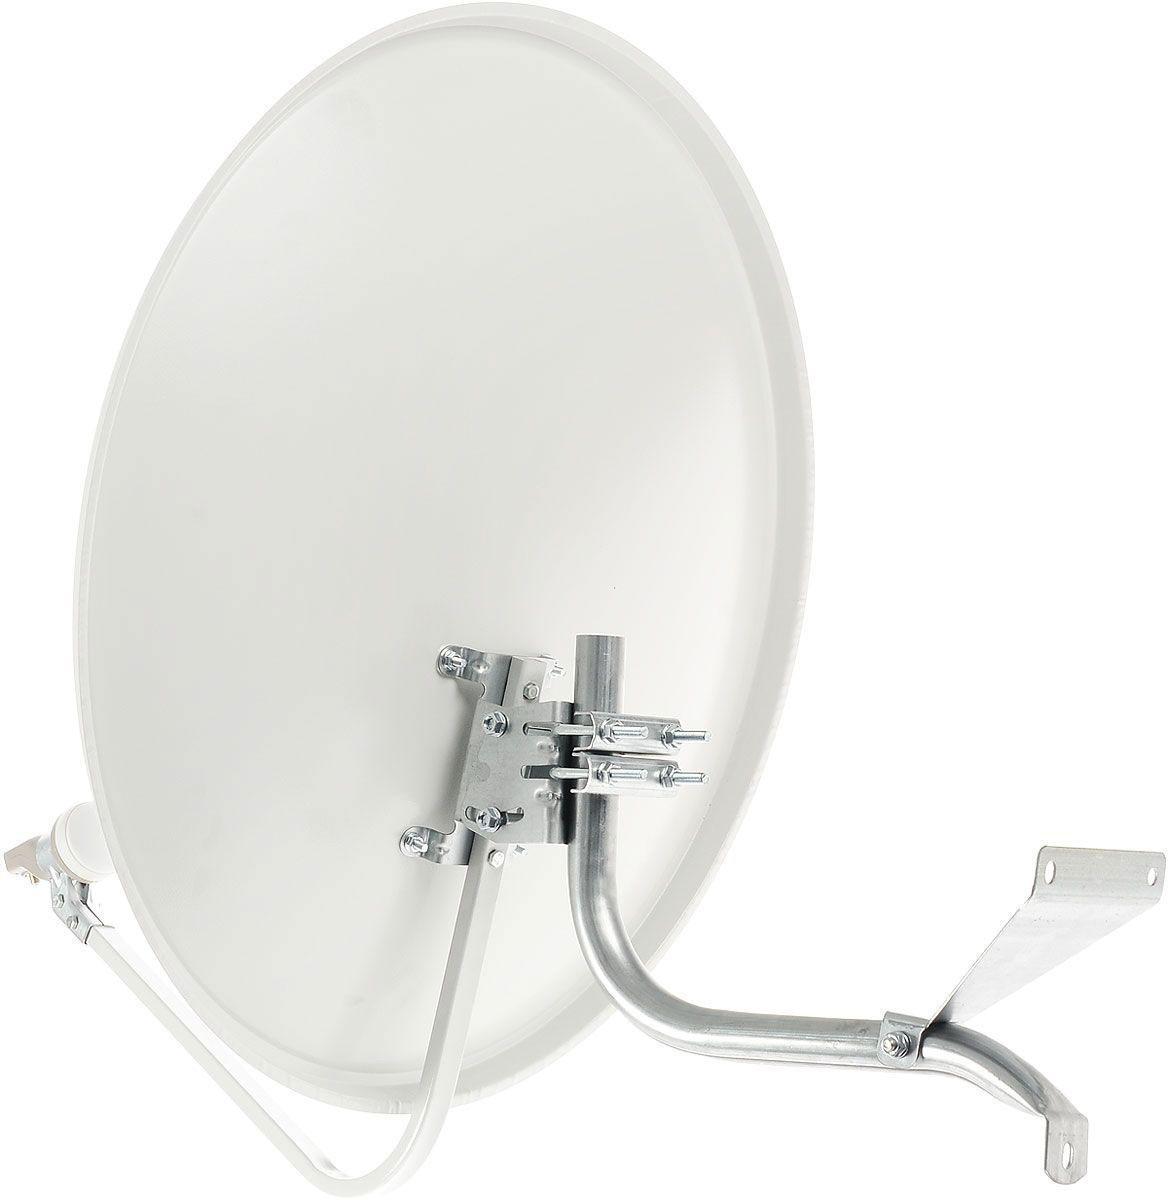 МТС комплект спутникового ТВ № 1714630003205032Комплект включает в себя все необходимое для подключения Спутникового ТВ МТС и полноценного использования всех функций настоящего спутникового ТВ. Смотрите более 128 интересных и популярных телеканалов в отличном качестве, включая 32 HD-каналов. Комплект Спутникового ТВ включает в себя: Антенну с установочным комплектом (кронштейн крепления антенны, комплект крепежа к кронштейну, кронштейн крепления конвертера) Конвертер Кабель коаксиальный + 2 F-разъема ТВ-приставку с функцией UHD (EKT DSD 4404) Пульт ДУ Справочник абонента SMART-карту МТС Услуга на год ТВ-пакет Базовый